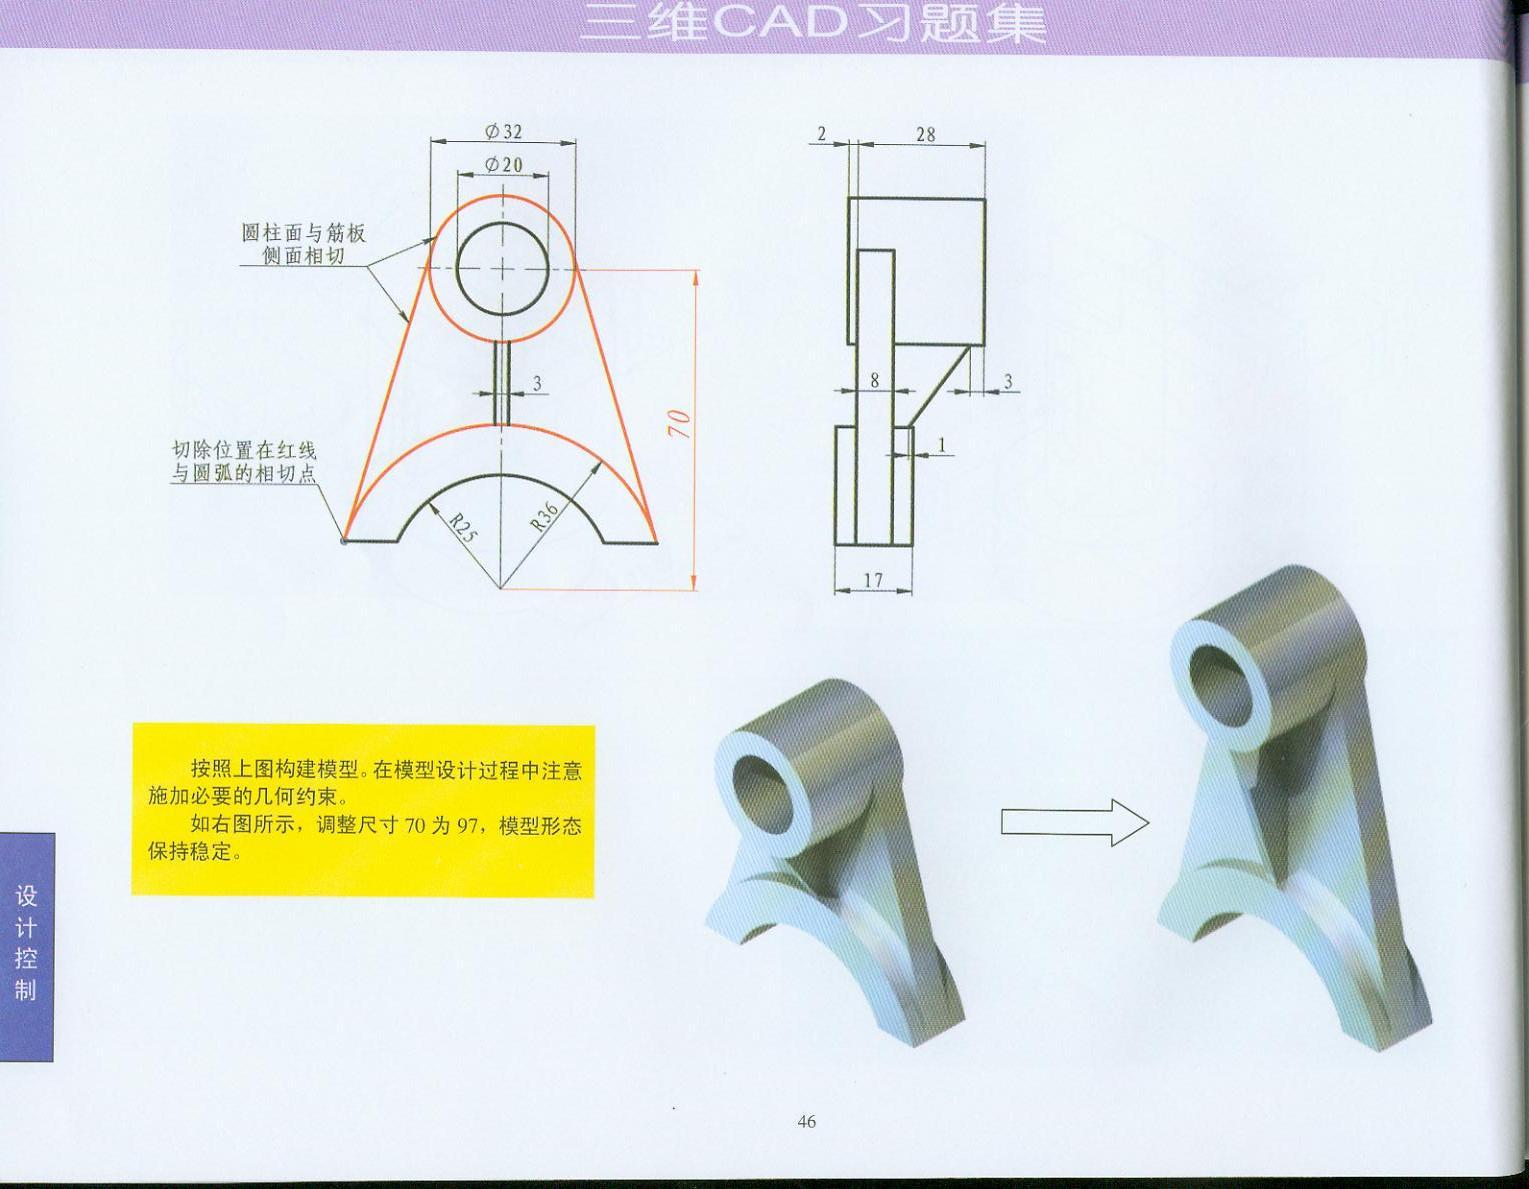 AutoCAD机械v机械-三维cad习题,全集,扫描版,1把pdf图复制到cad图片